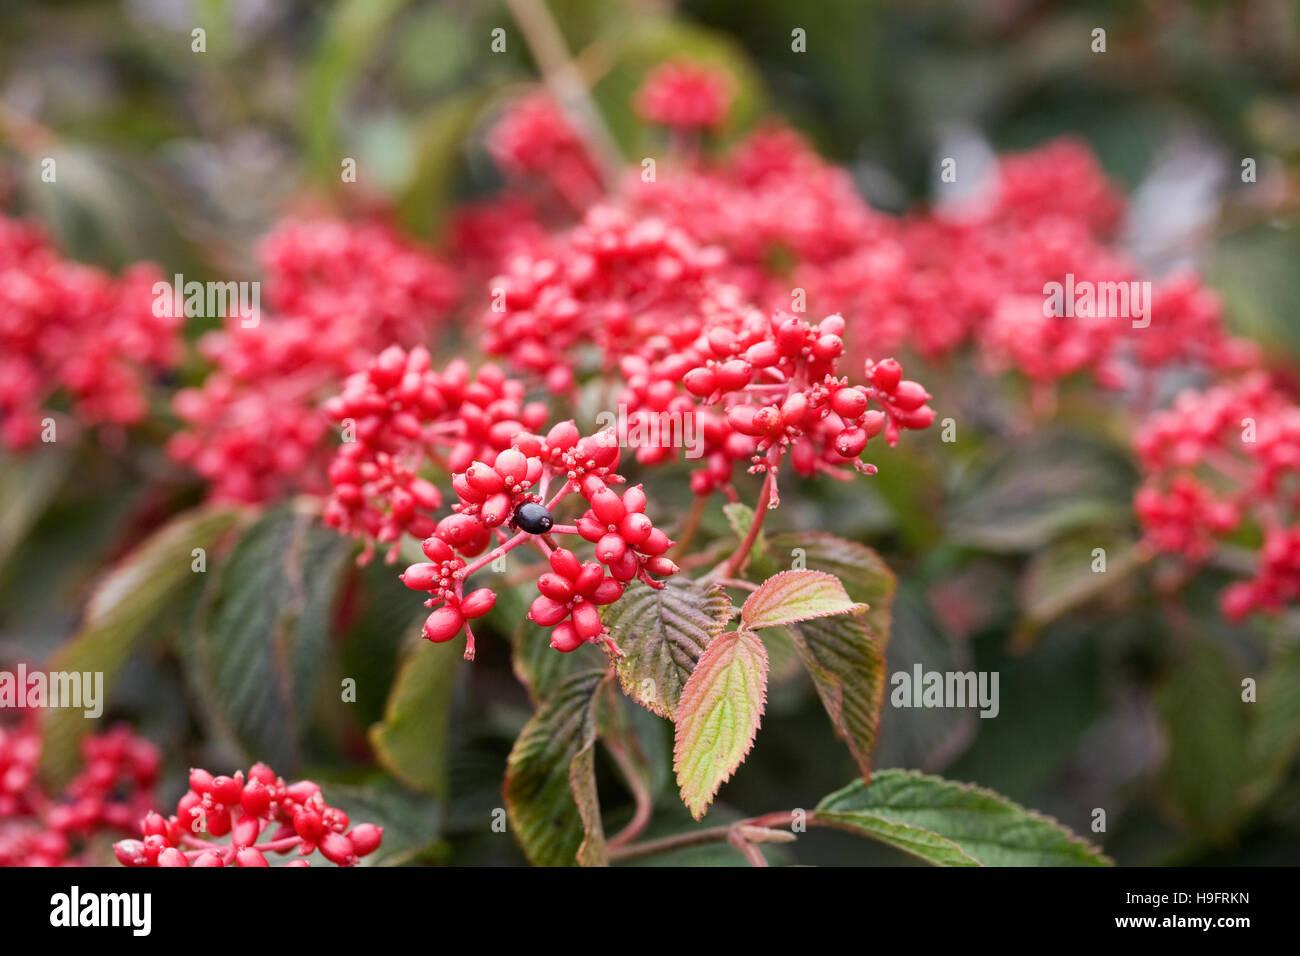 Viburnum plicatum f. tomentosum 'Rowallane''. - Stock Image